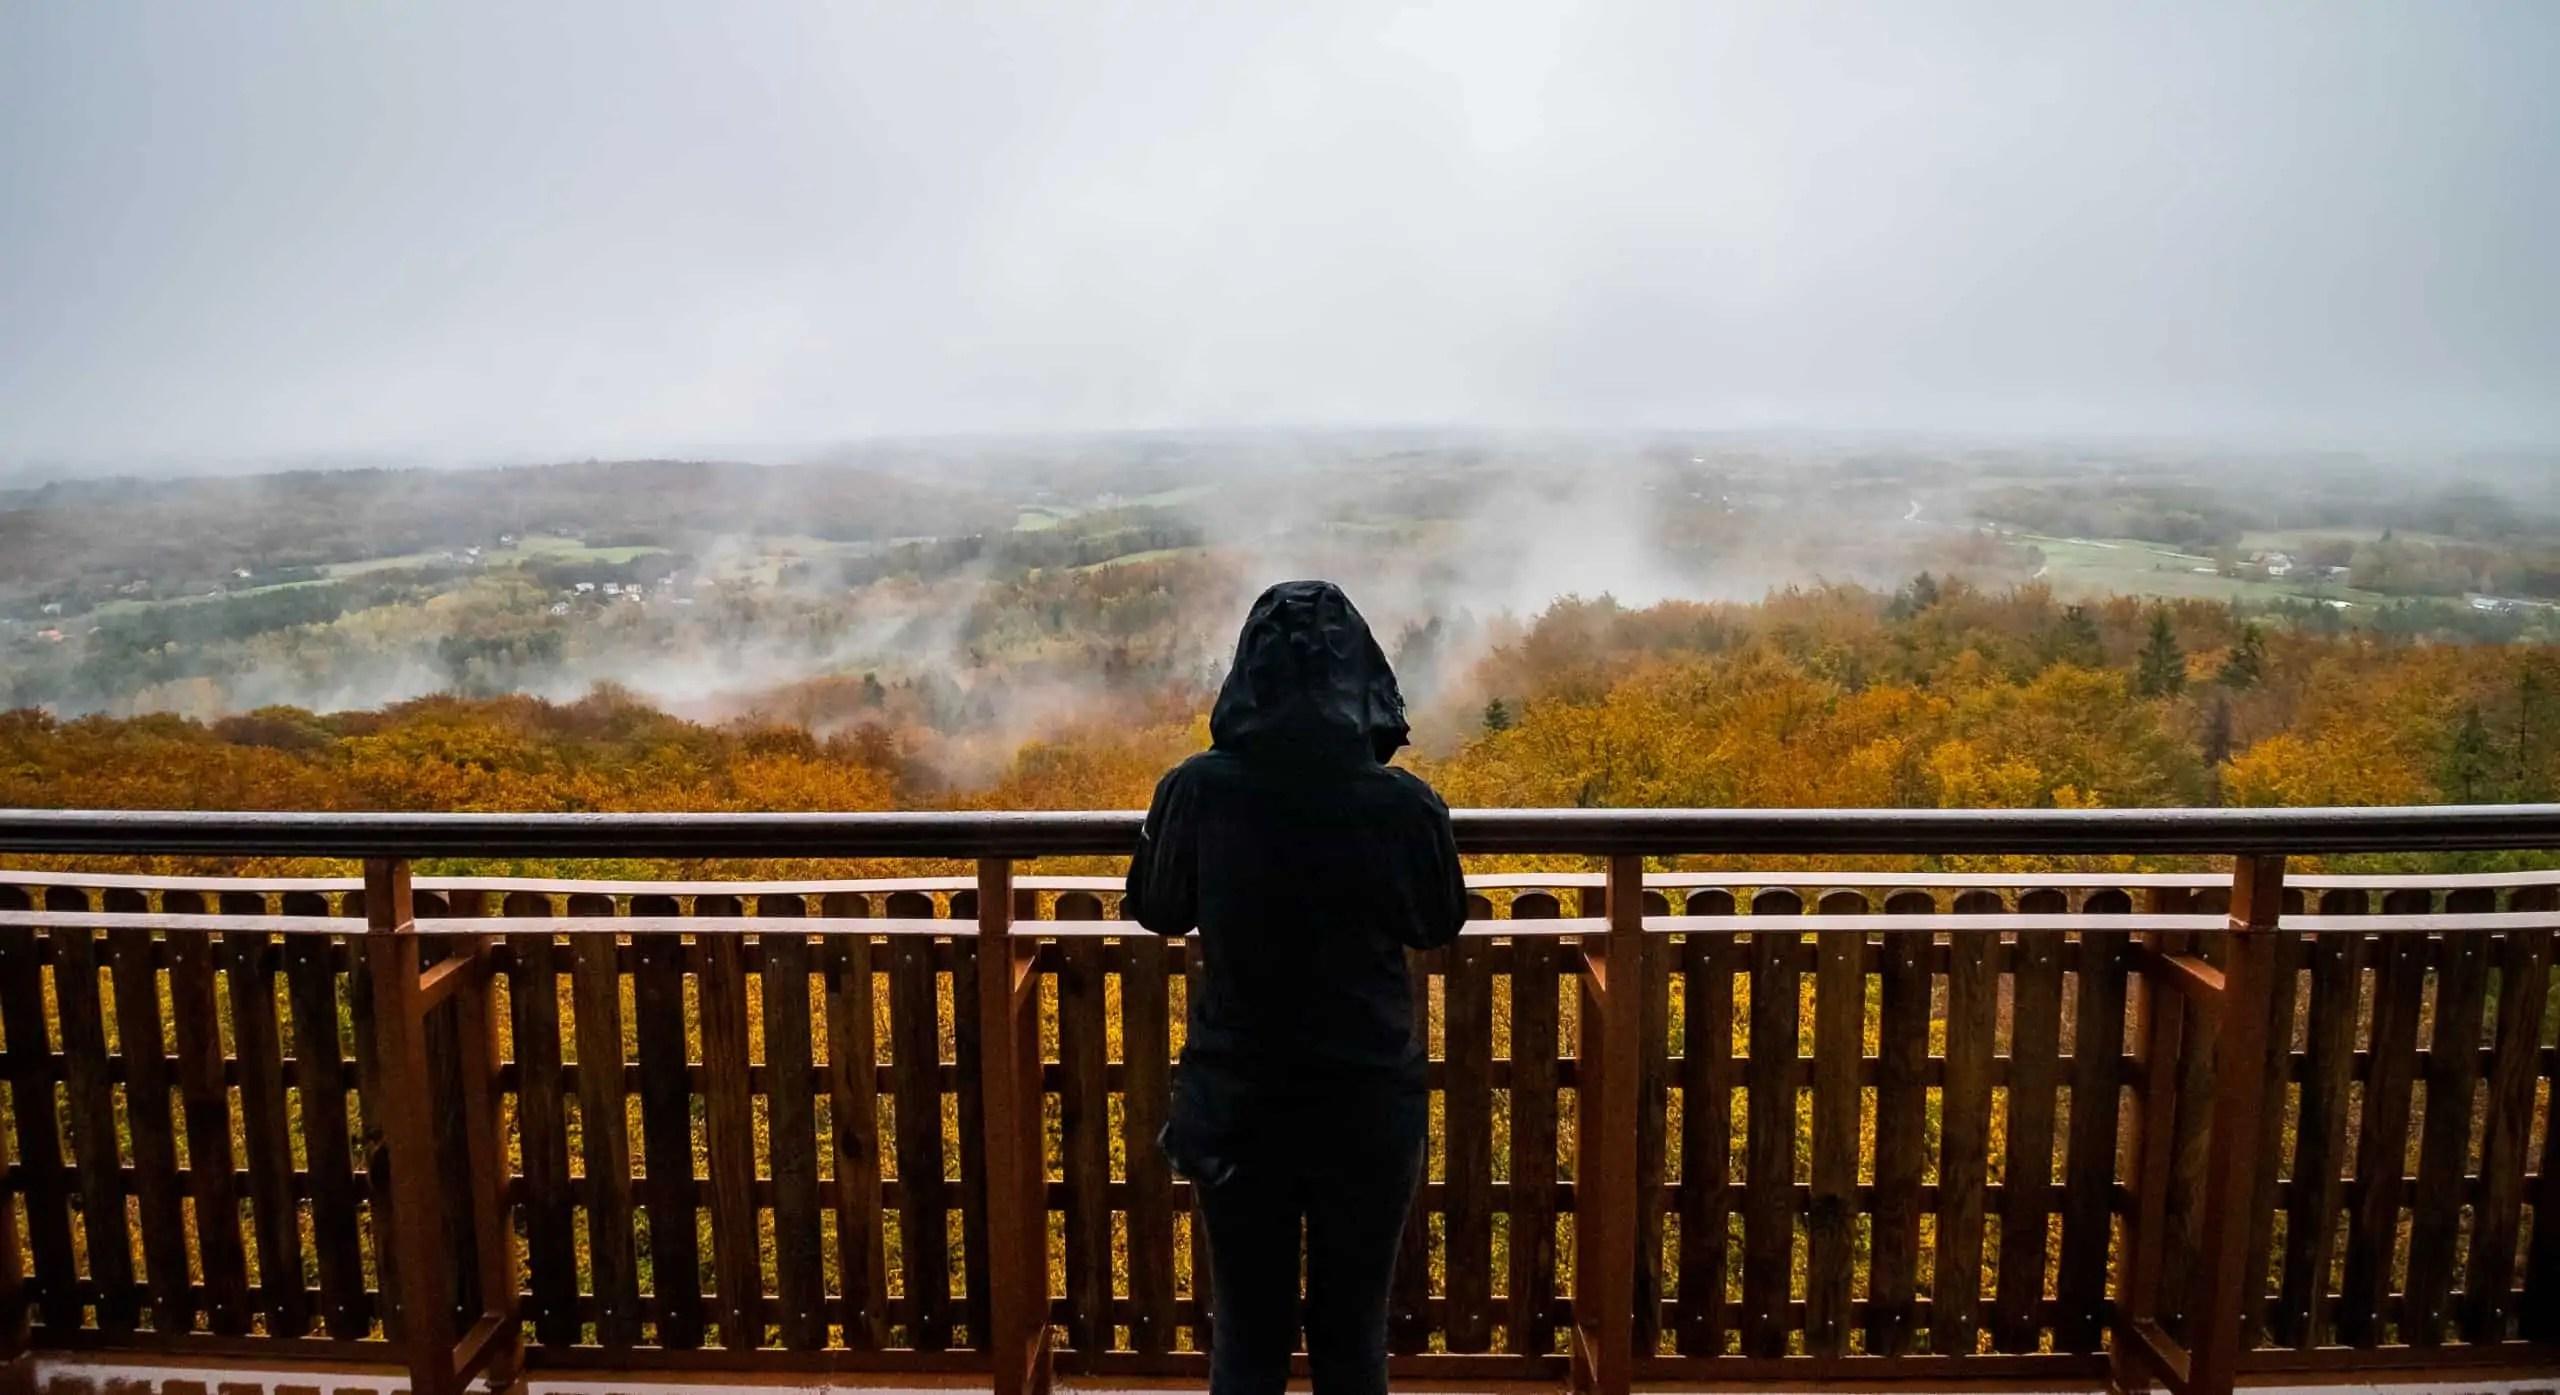 Jesienny portret wie%C5%BCyca krajobraz widoku kaszubskich las%C3%B3w - Fotografie do druku